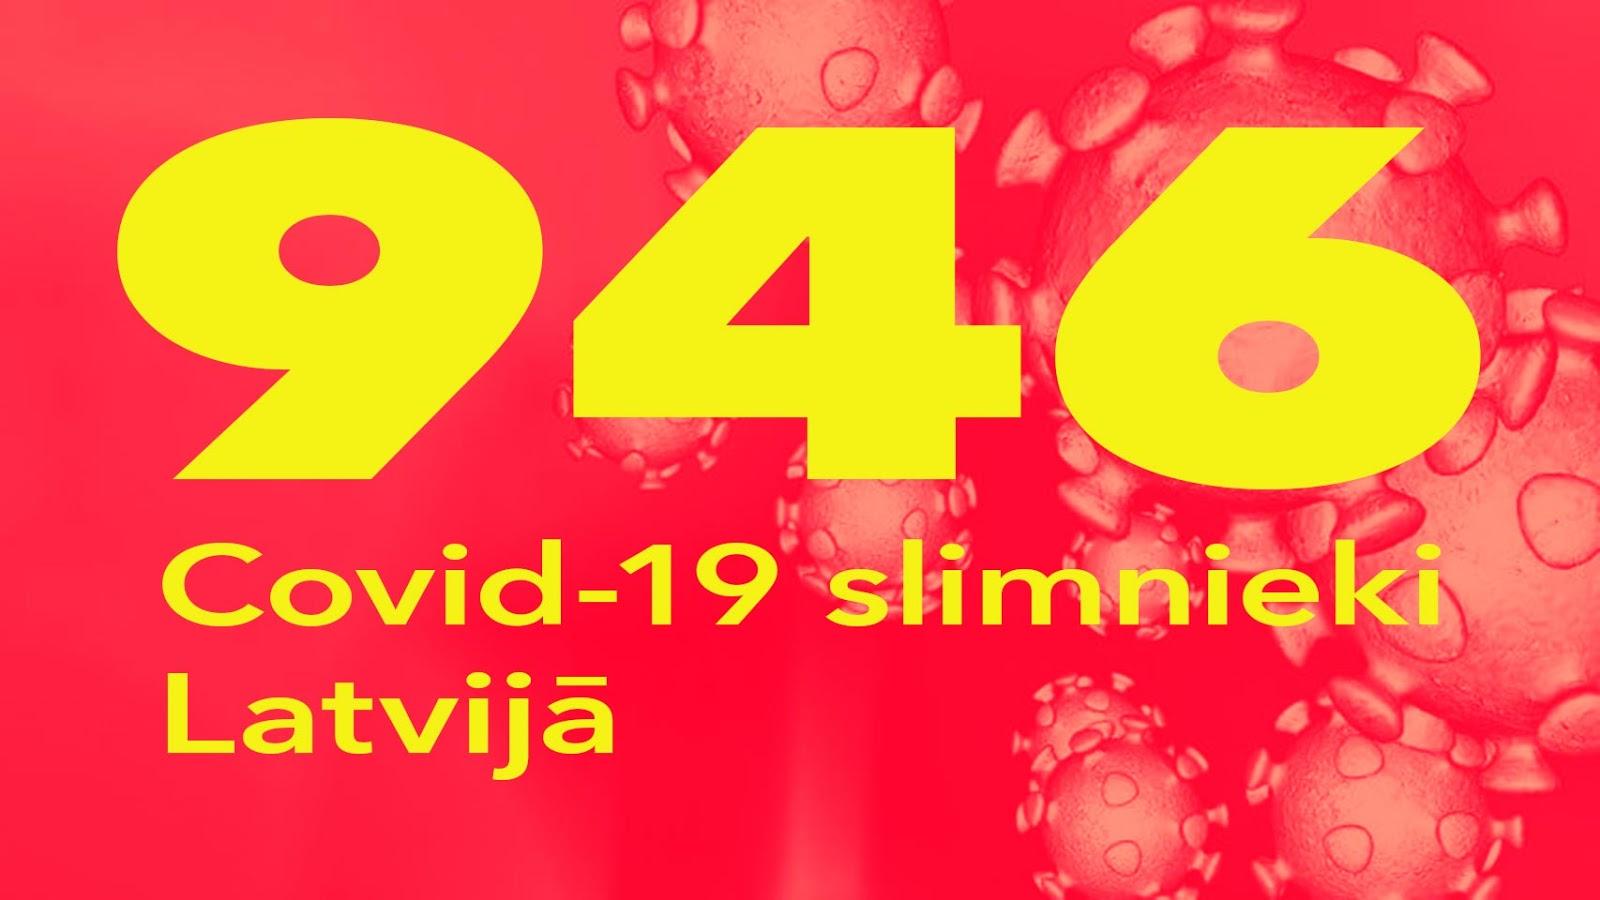 Koronavīrusa saslimušo skaits Latvijā 11.05.2020.